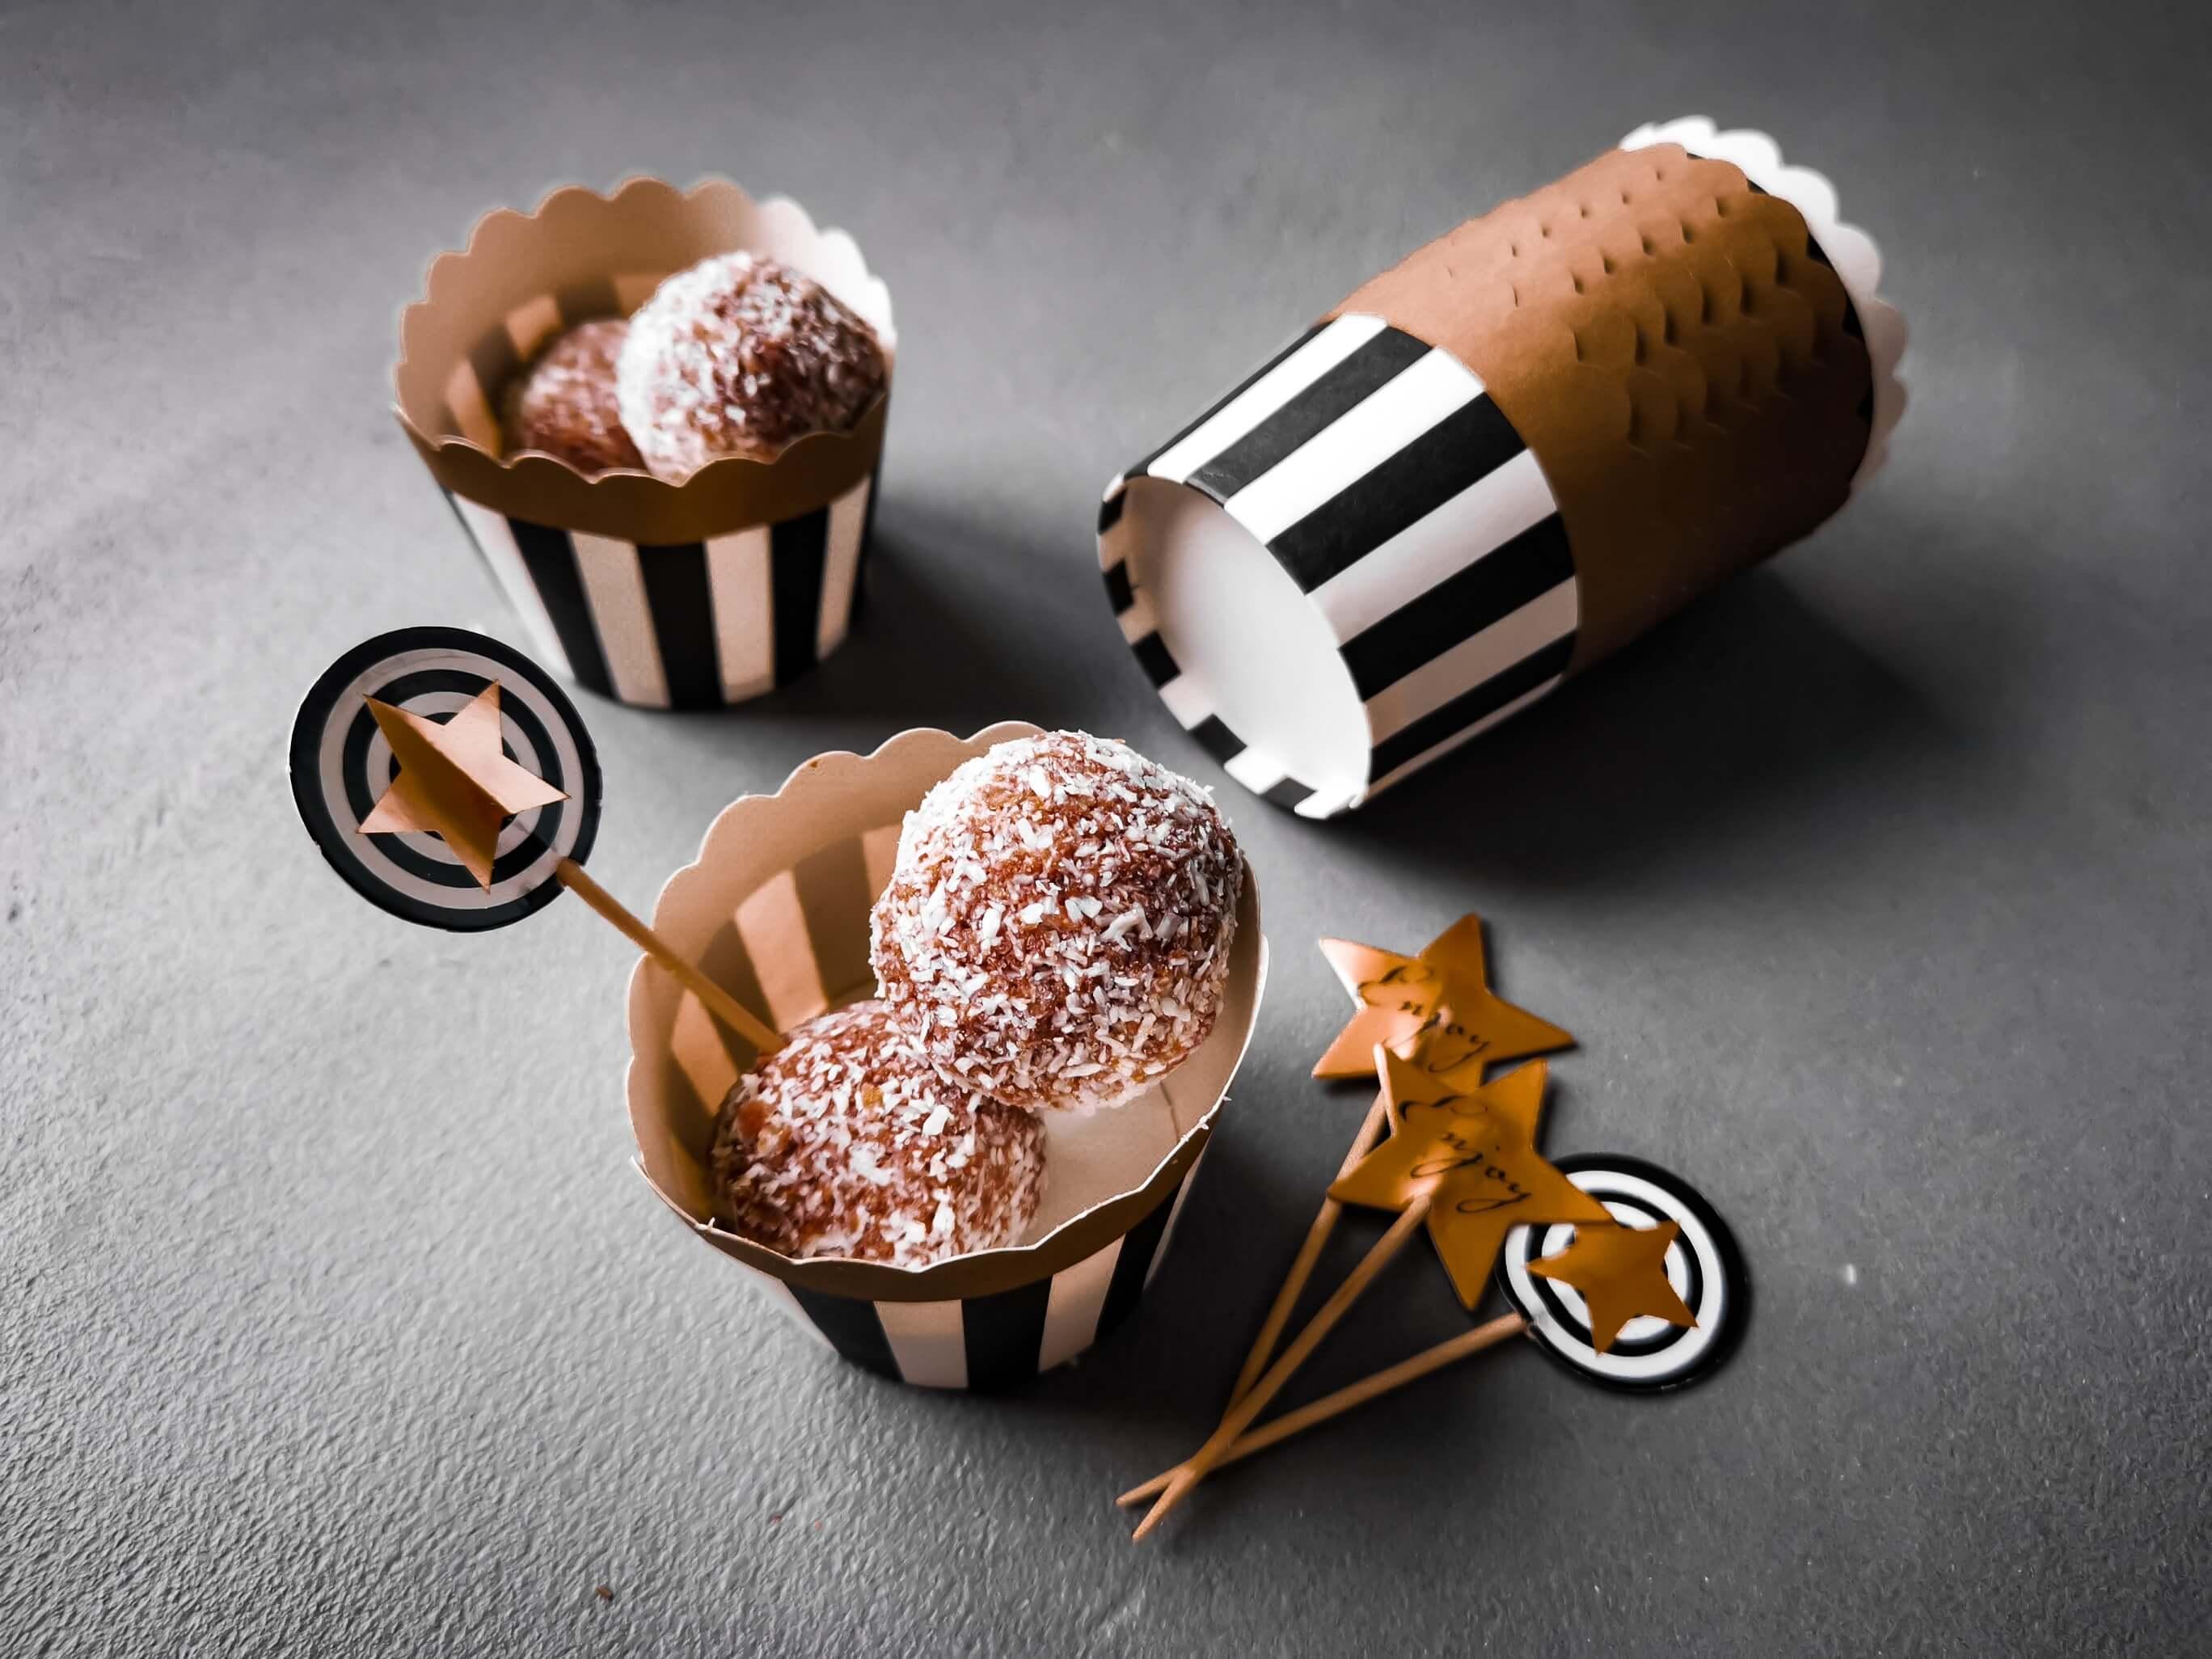 IMG 20191117 133314 resized 20191117 061526933 - Geschenke aus der Küche - so schmeckt Weihnachten!